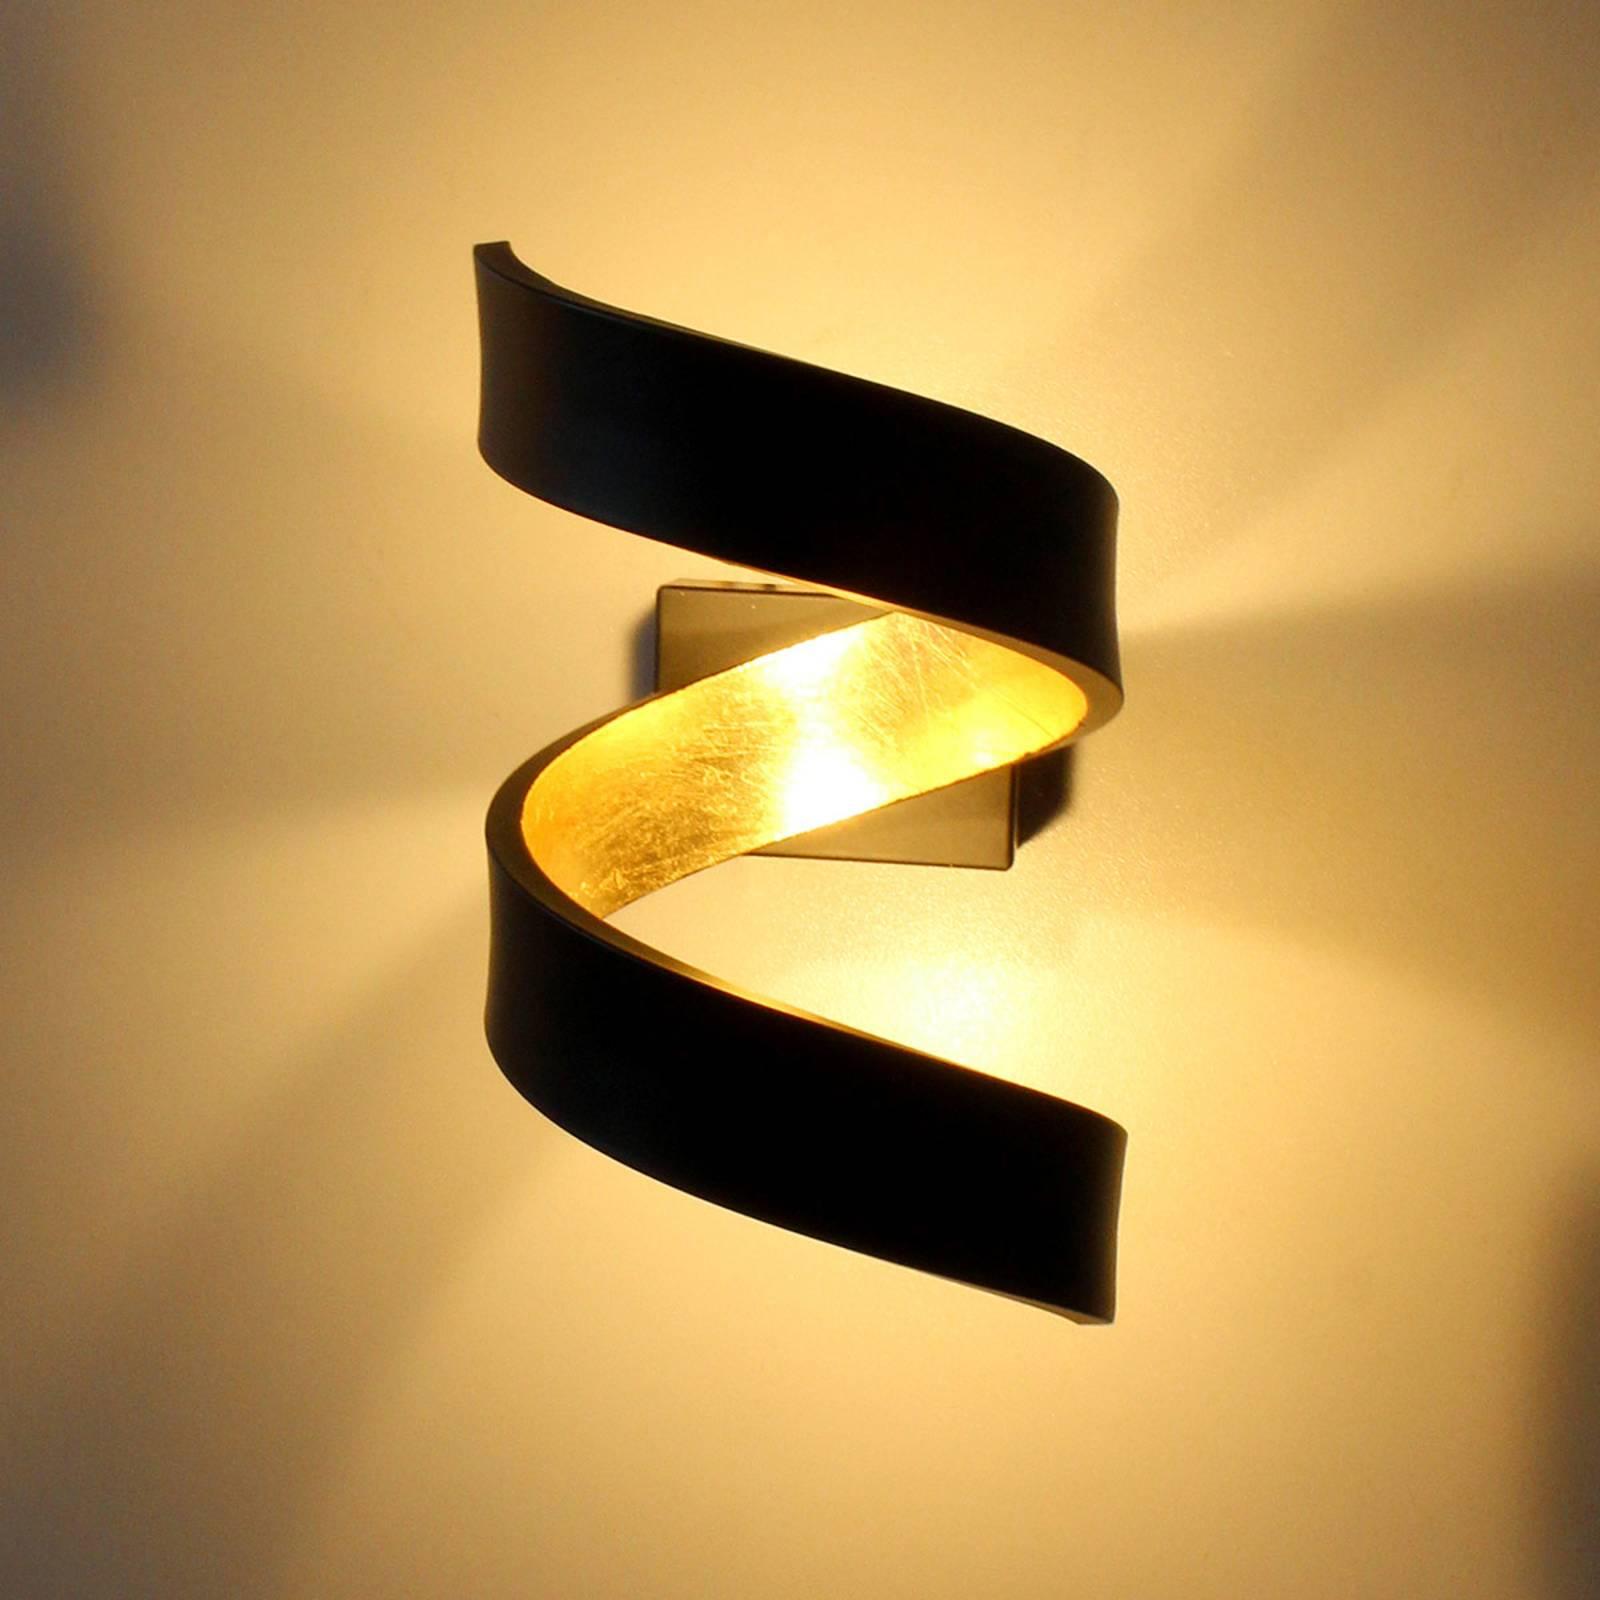 LED-seinävalaisin Helix, musta-kulta, 17 cm